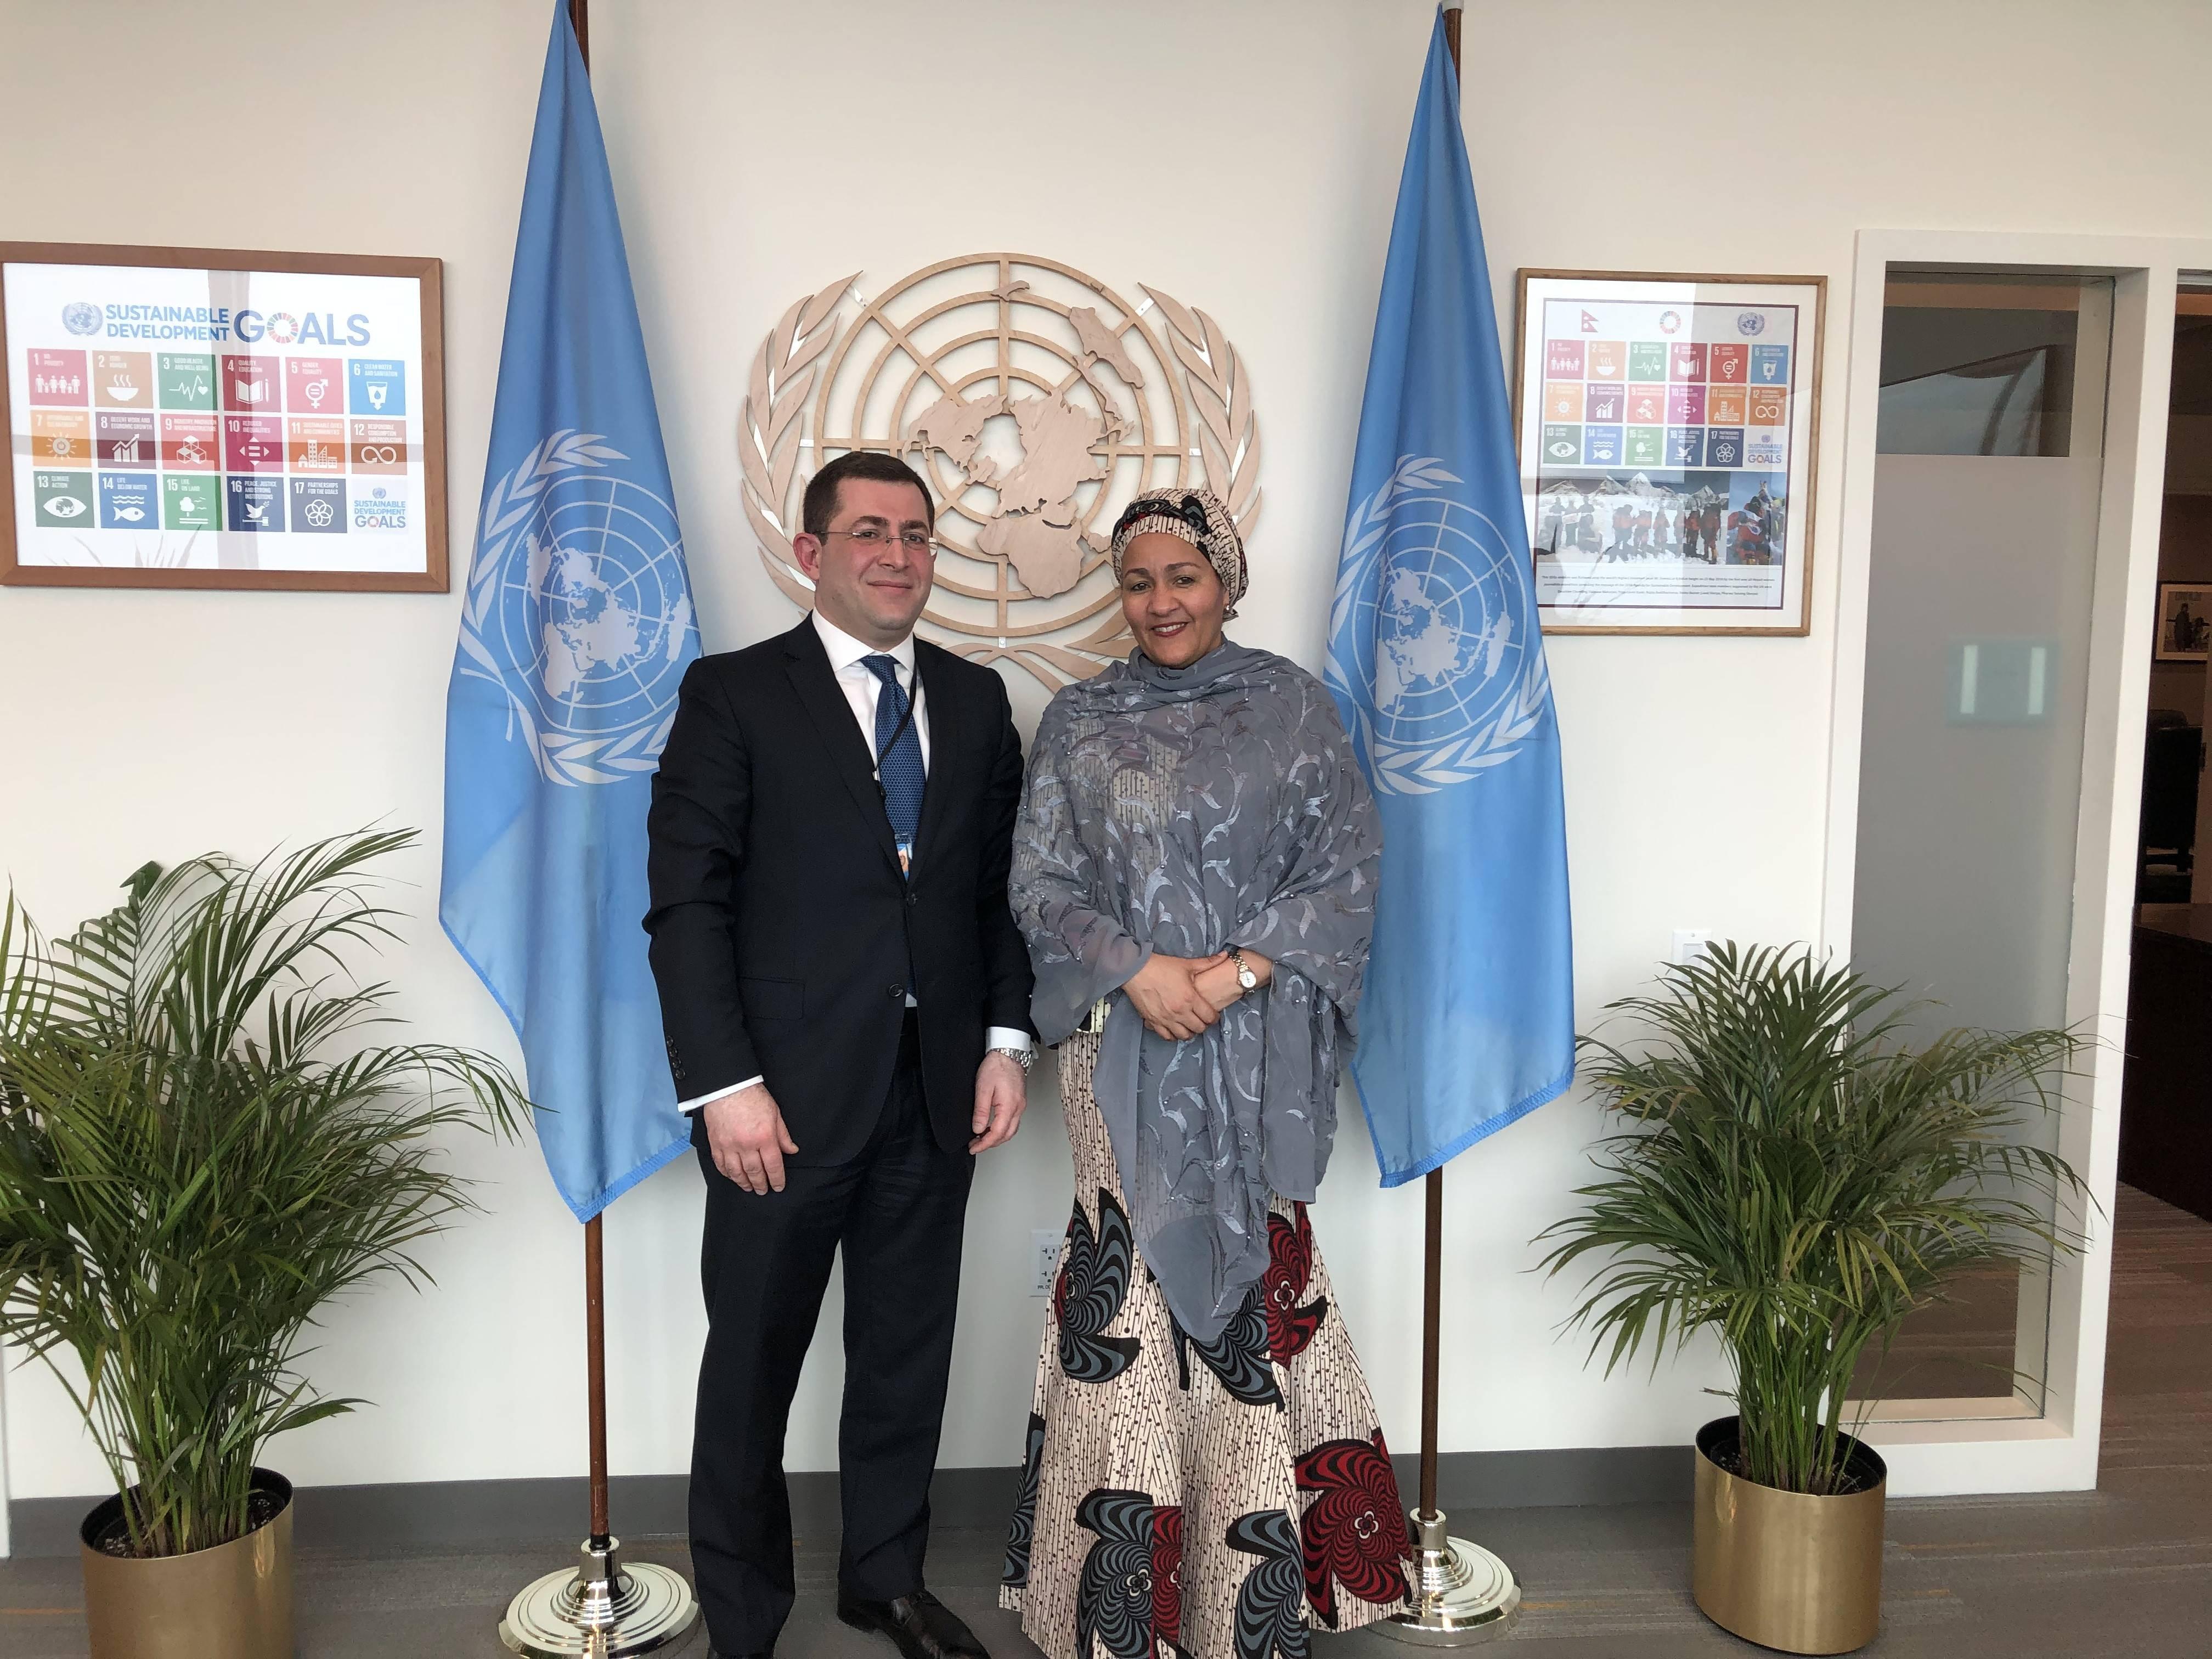 ՄԱԿ-ում Հայաստանի մշտական ներկայացուցիչը հանդիպեց ՄԱԿ-ի գլխավոր քարտուղարի առաջին տեղակալի հետ